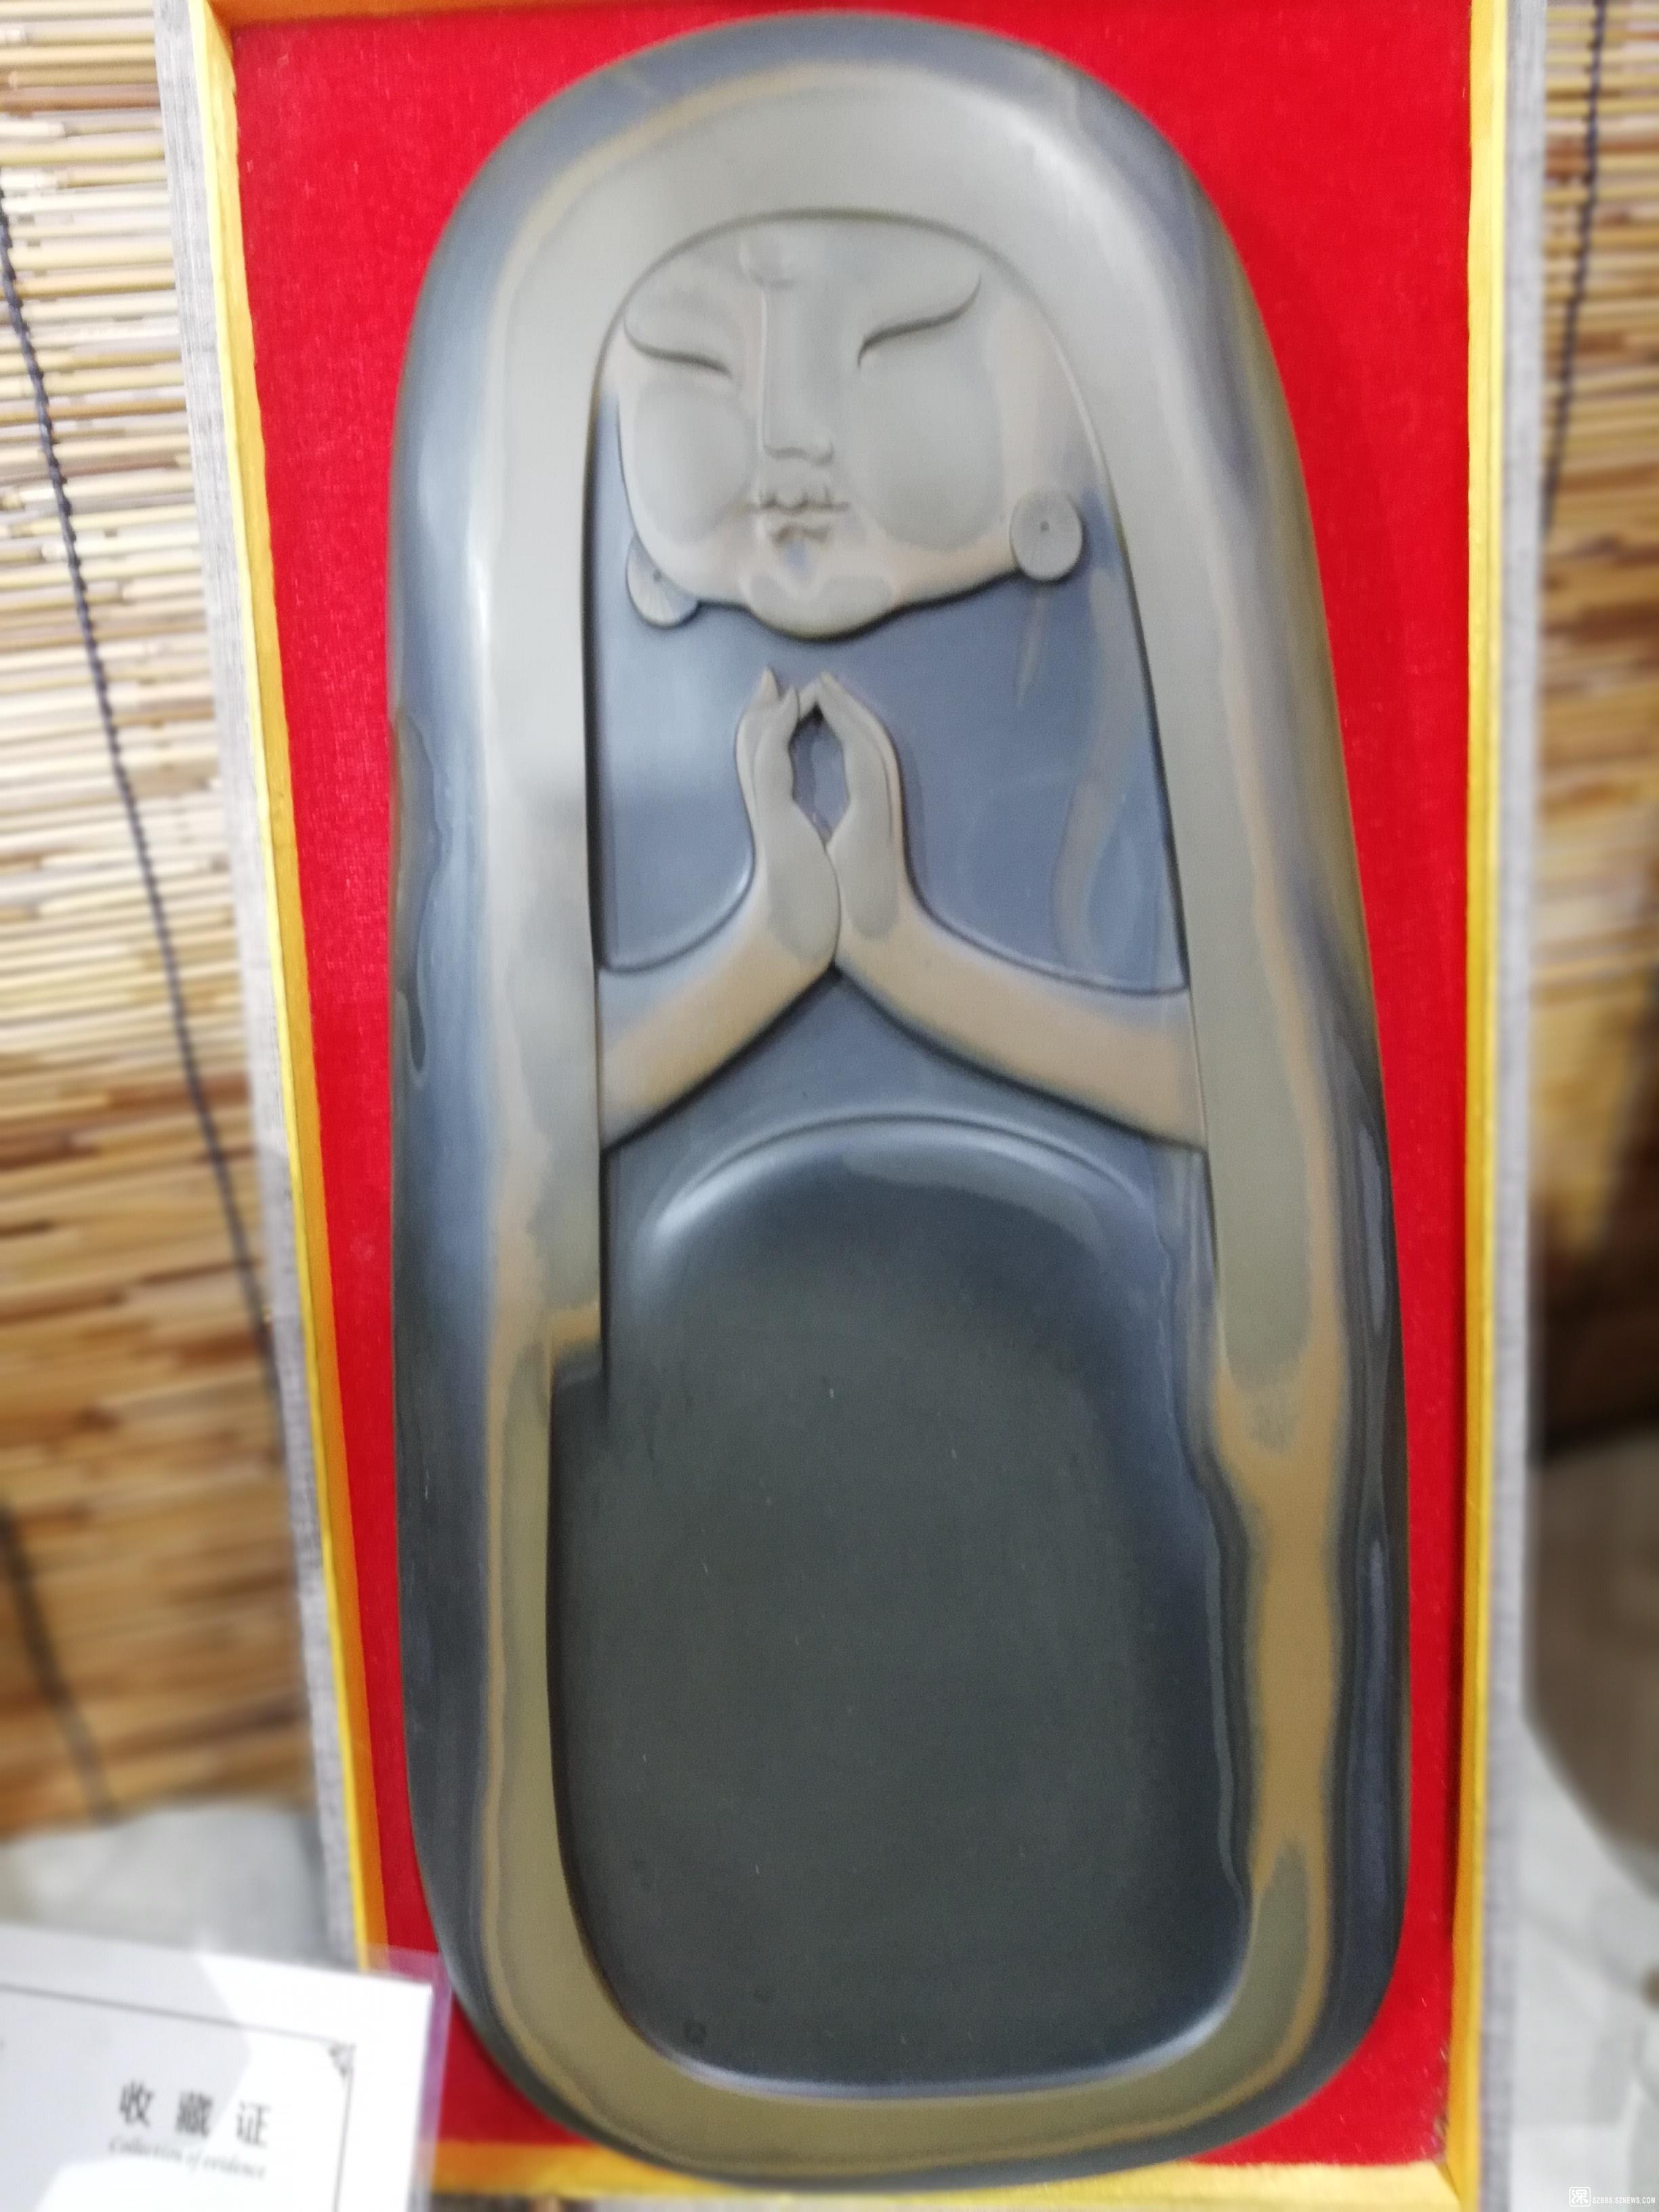 非物质文化传承人、砚雕刻工艺品美术大师作品